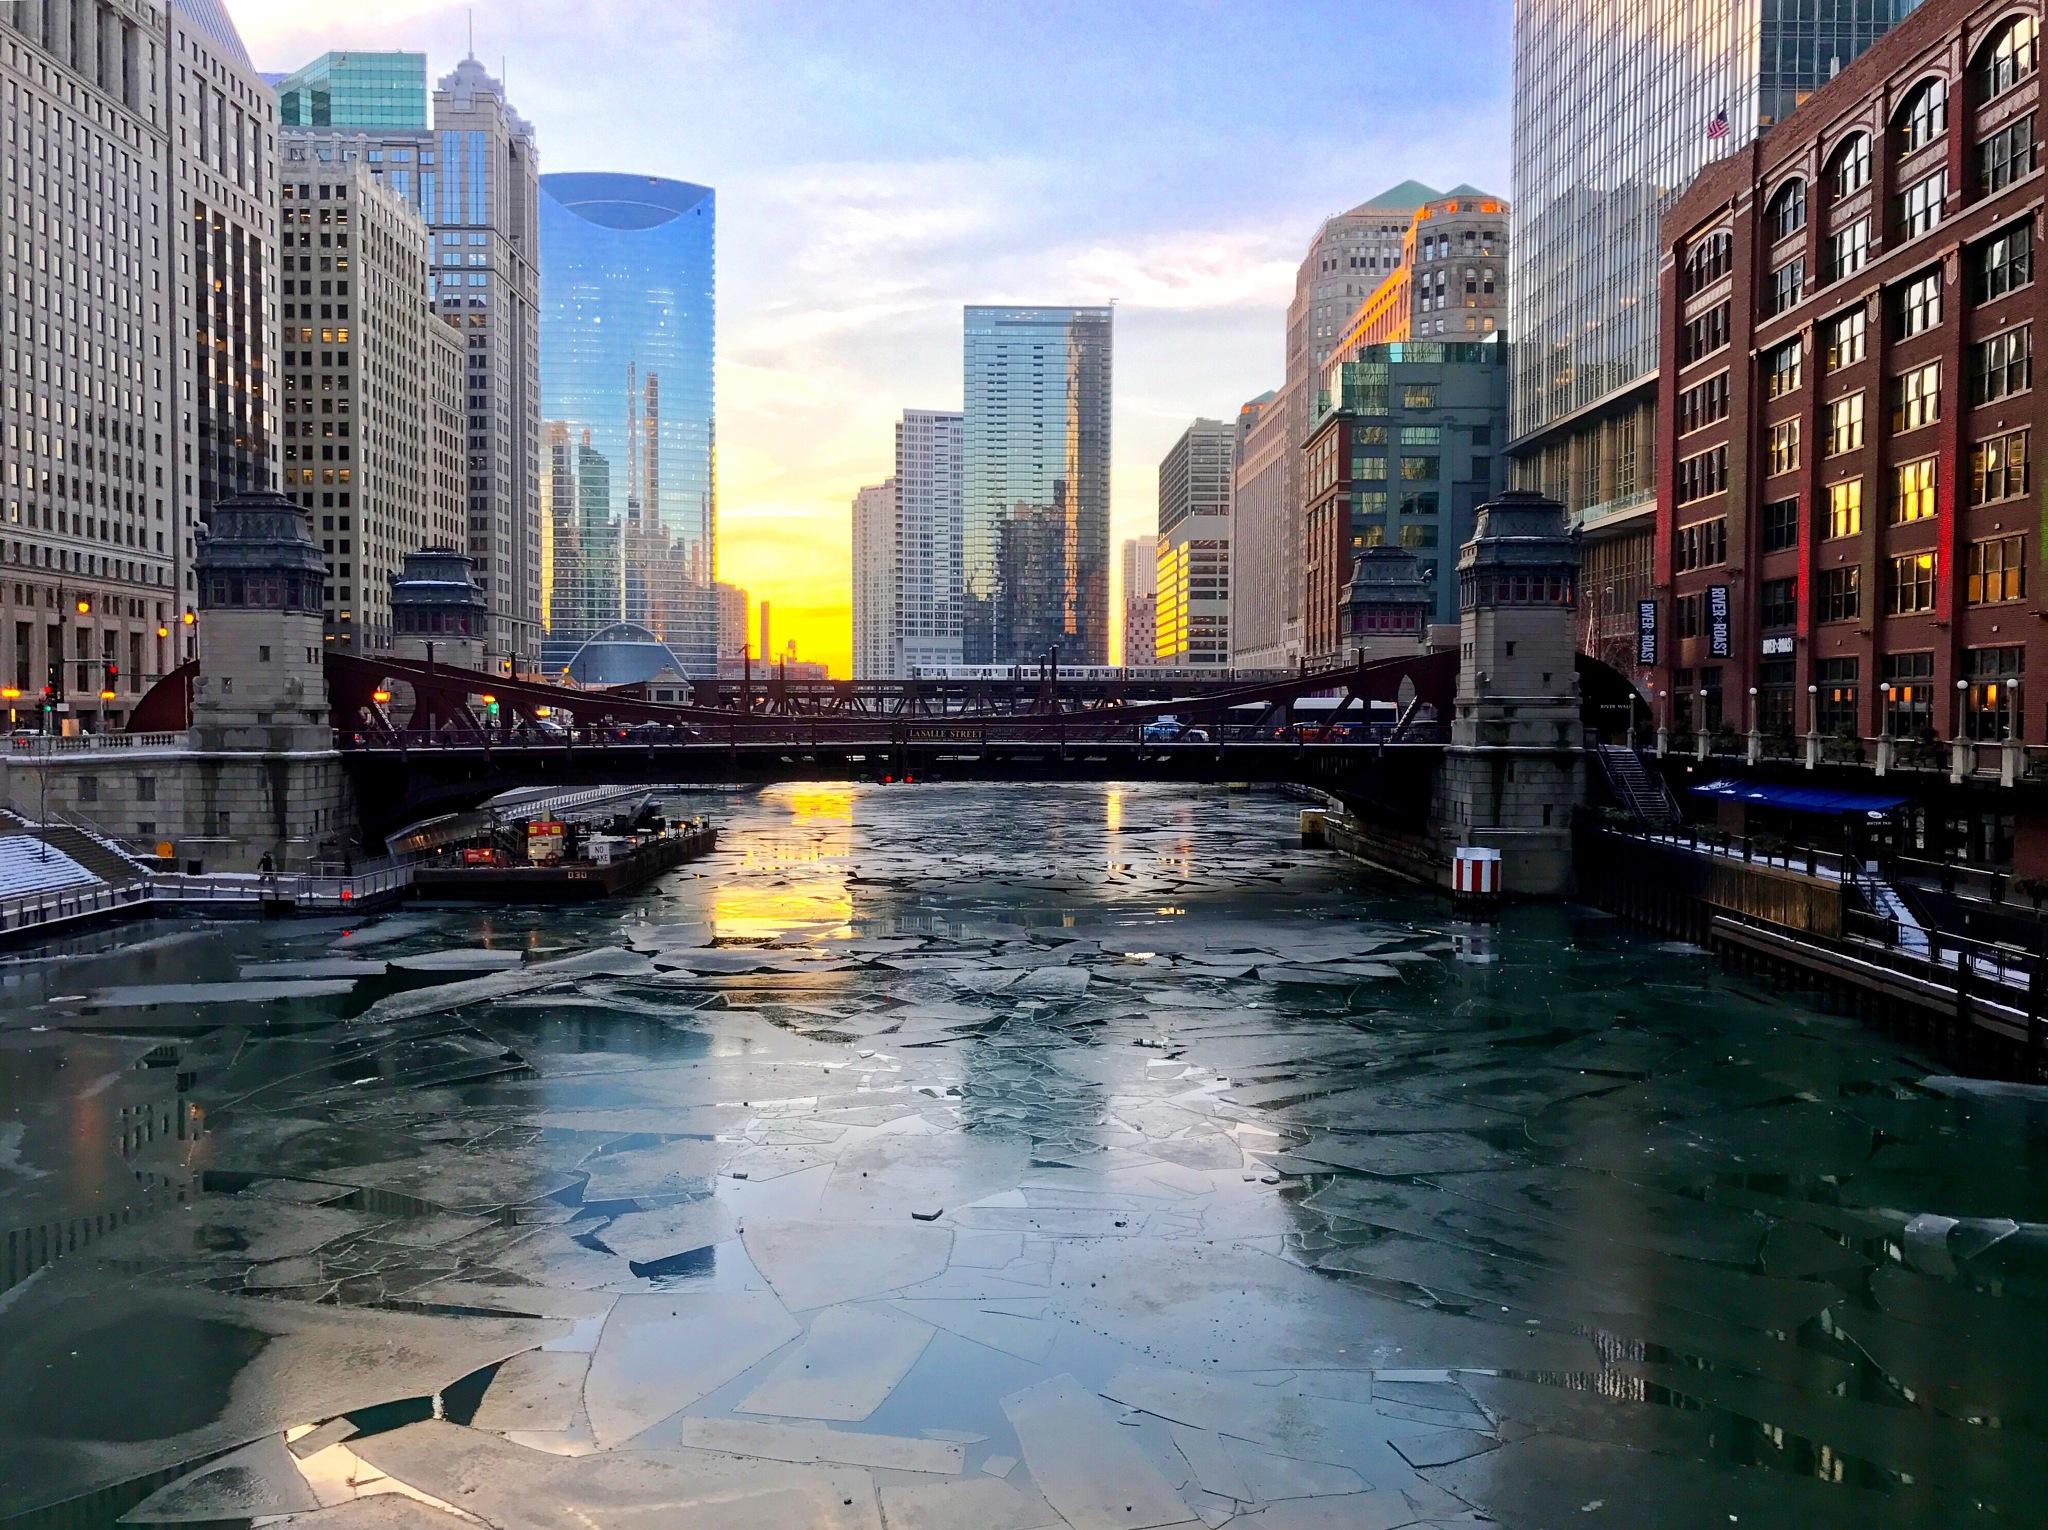 Chicago River by Daniel Eggert